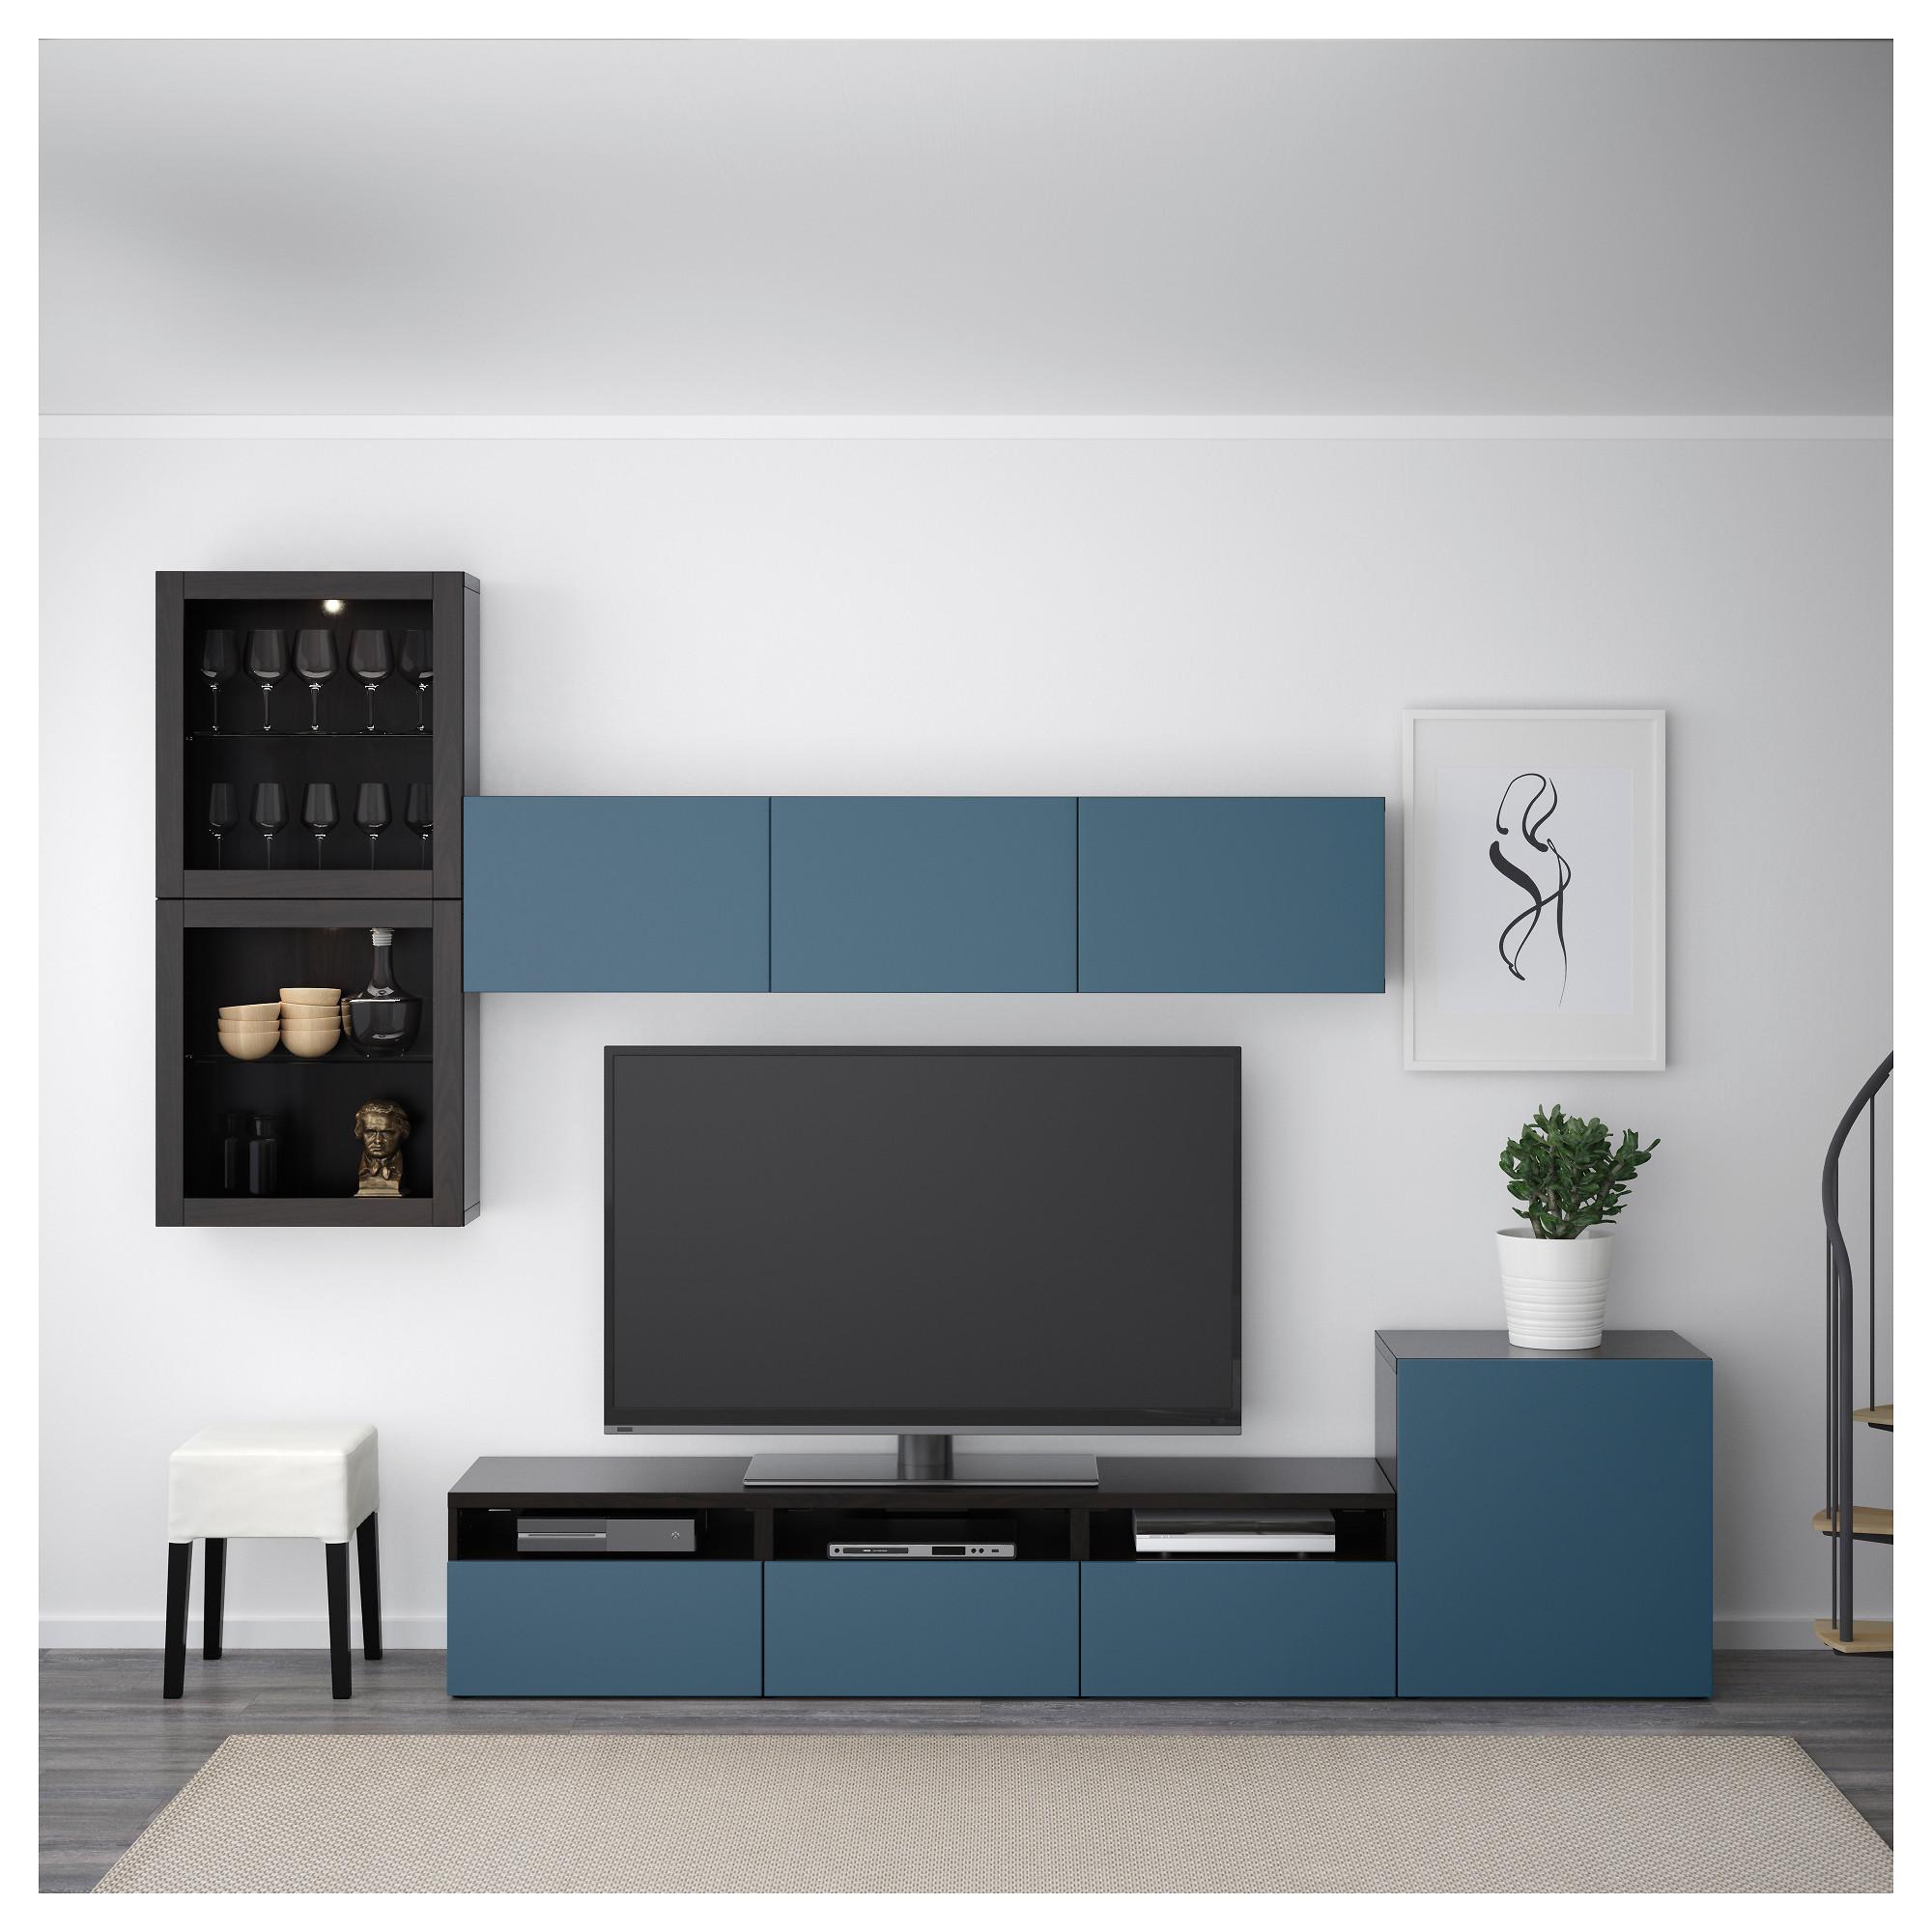 Шкаф для ТВ, комбинированный, стекляные дверцы БЕСТО артикуль № 392.522.52 в наличии. Онлайн каталог IKEA Минск. Недорогая доставка и соборка.